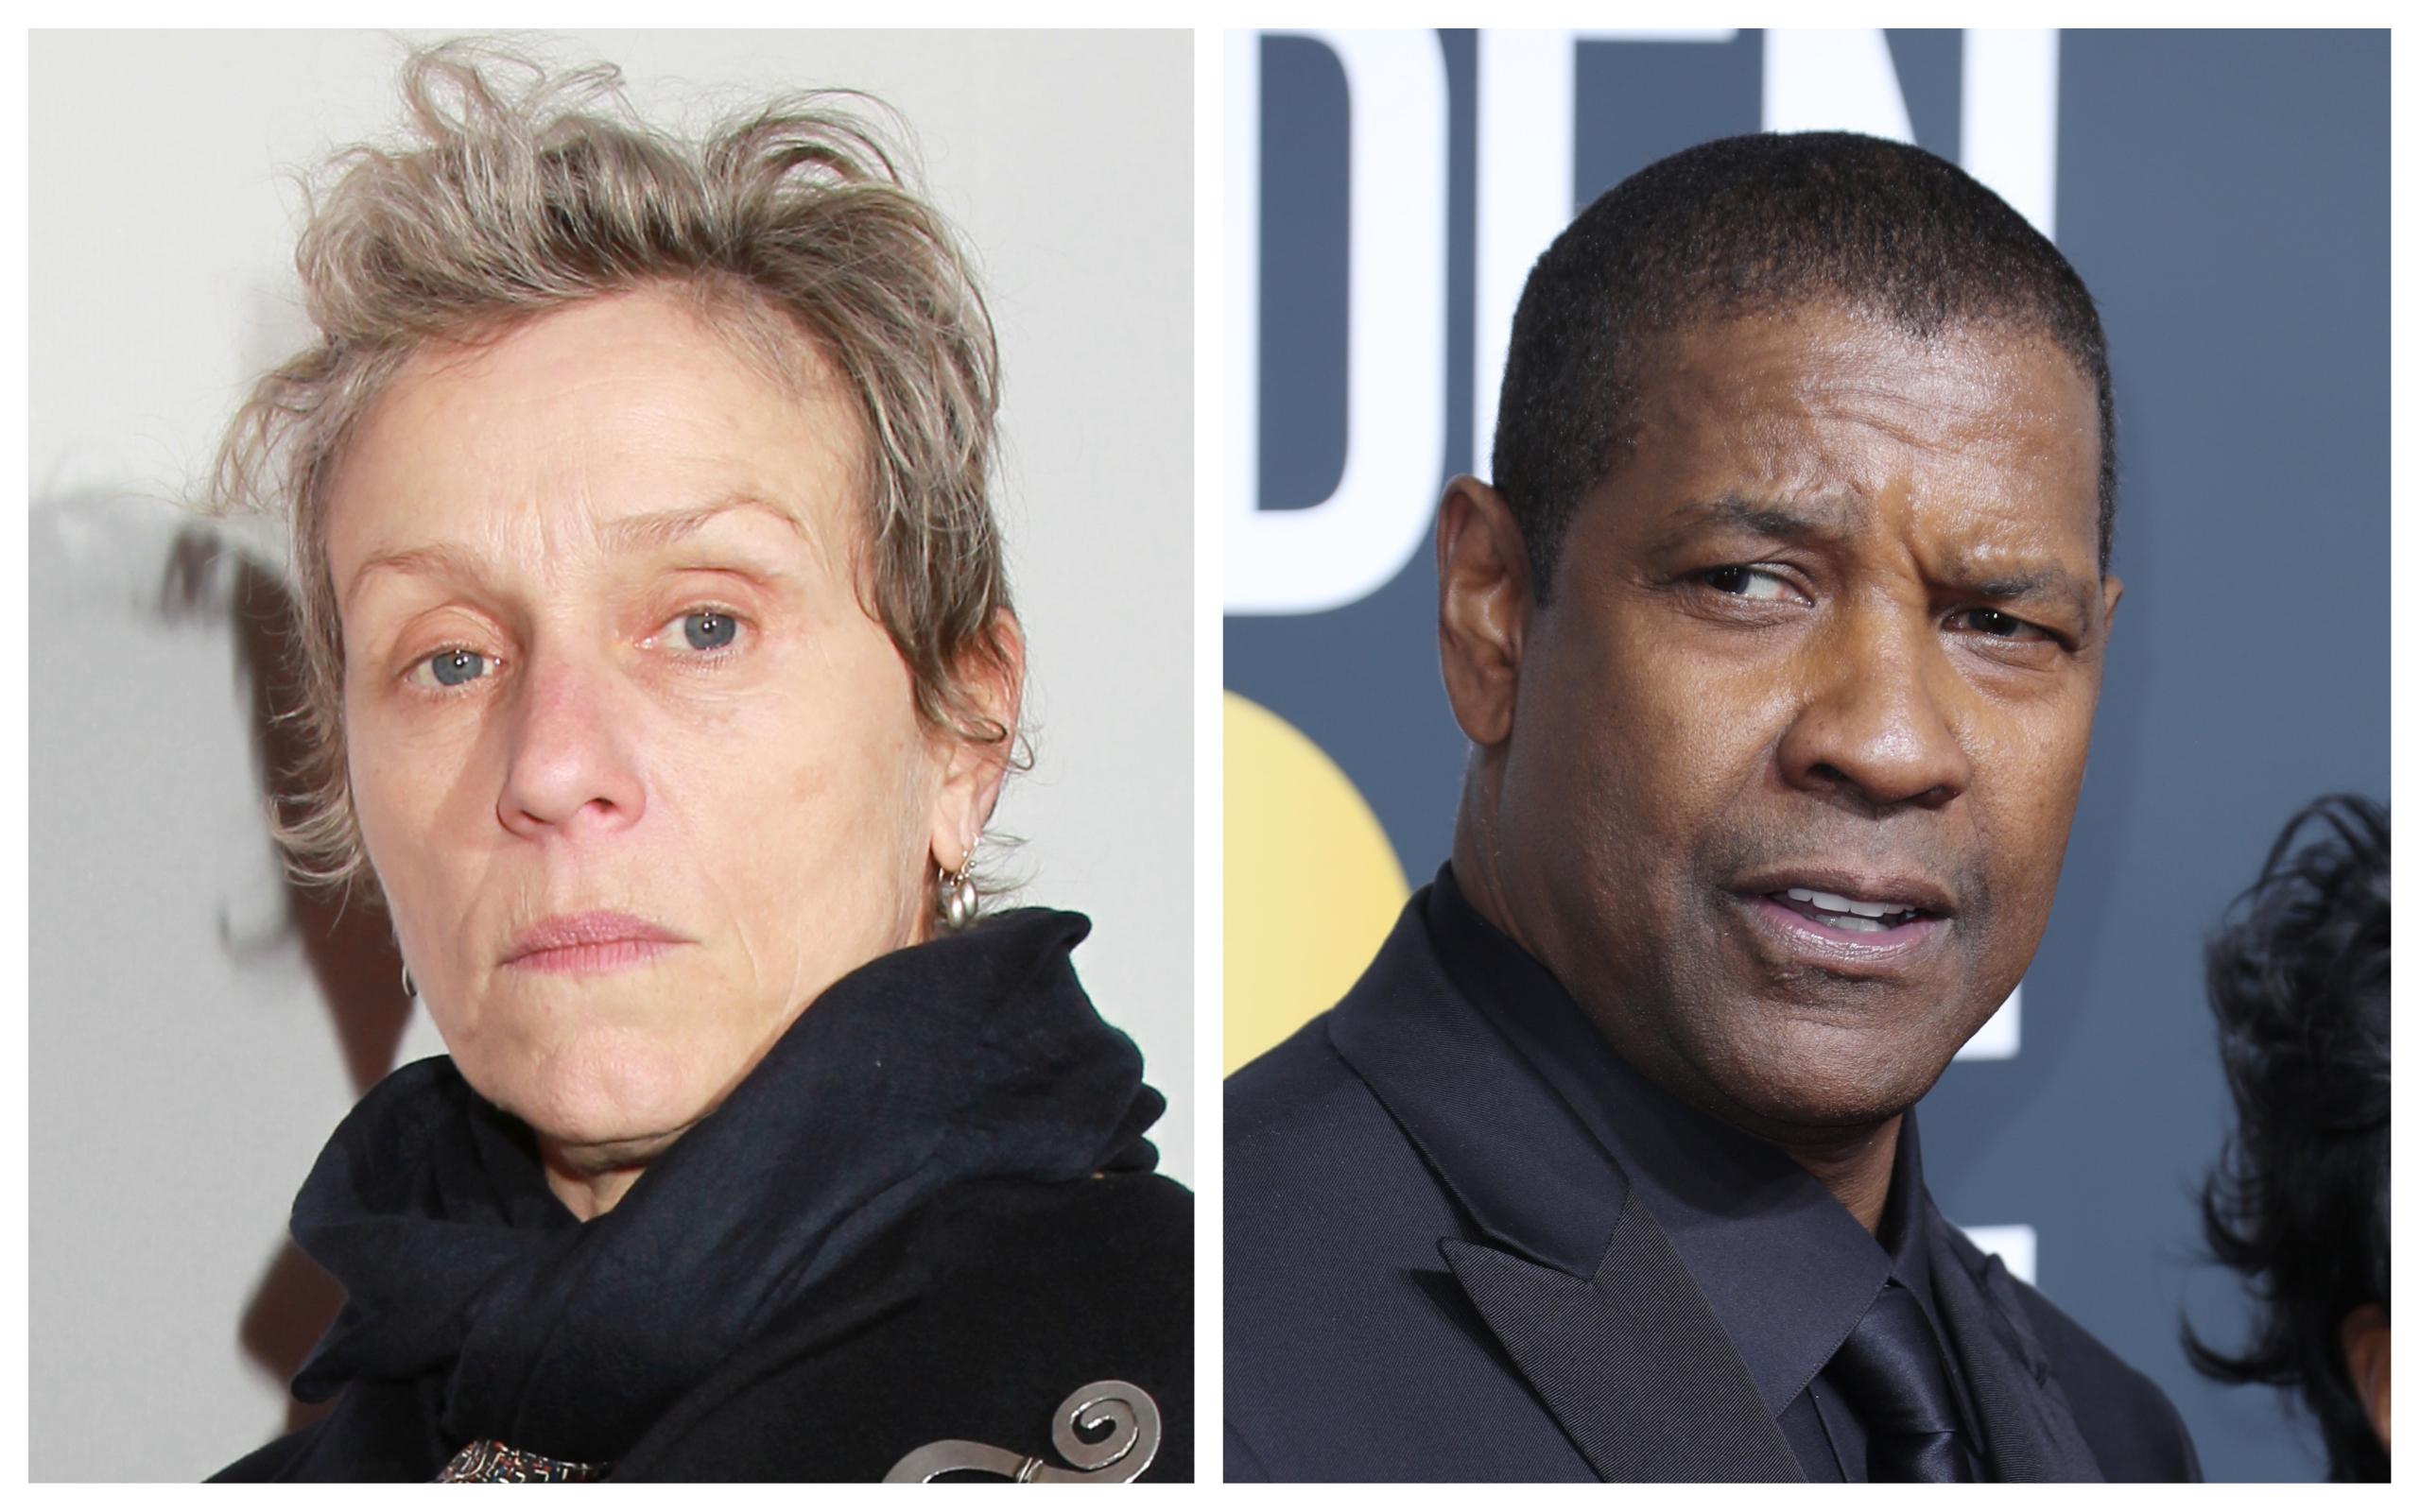 Joel Coen, Frances McDormand Tease 'Macbeth' Film as Thriller   IndieWire